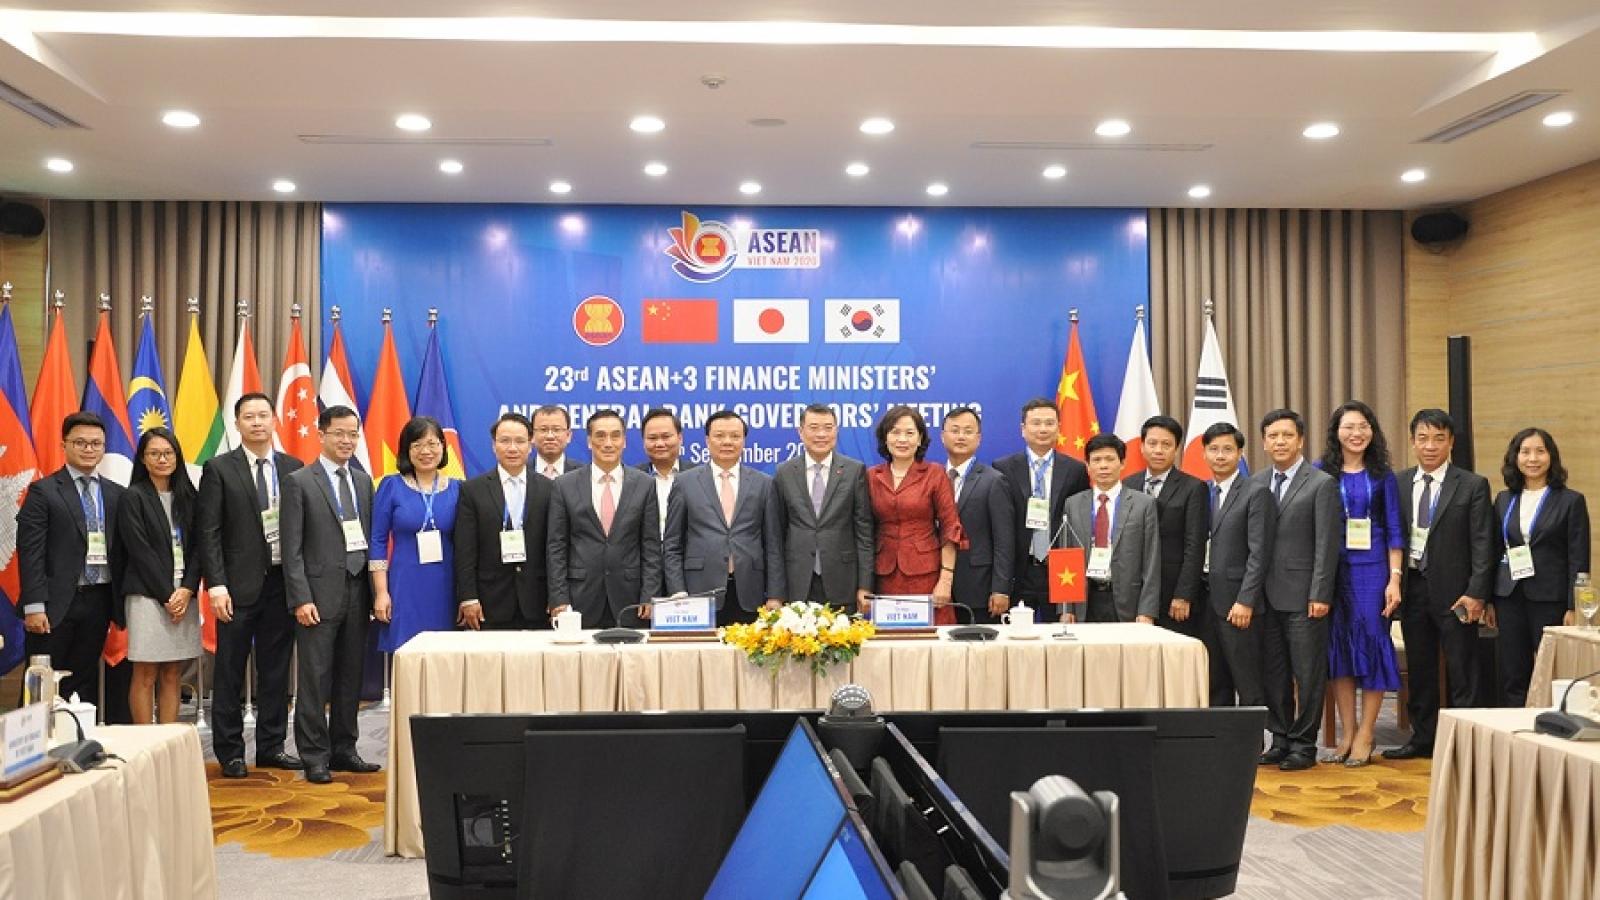 Hội nghị AFMGM+3: Đối thoại chính sách về tình hình kinh tế vĩ mô toàn cầu và khu vực